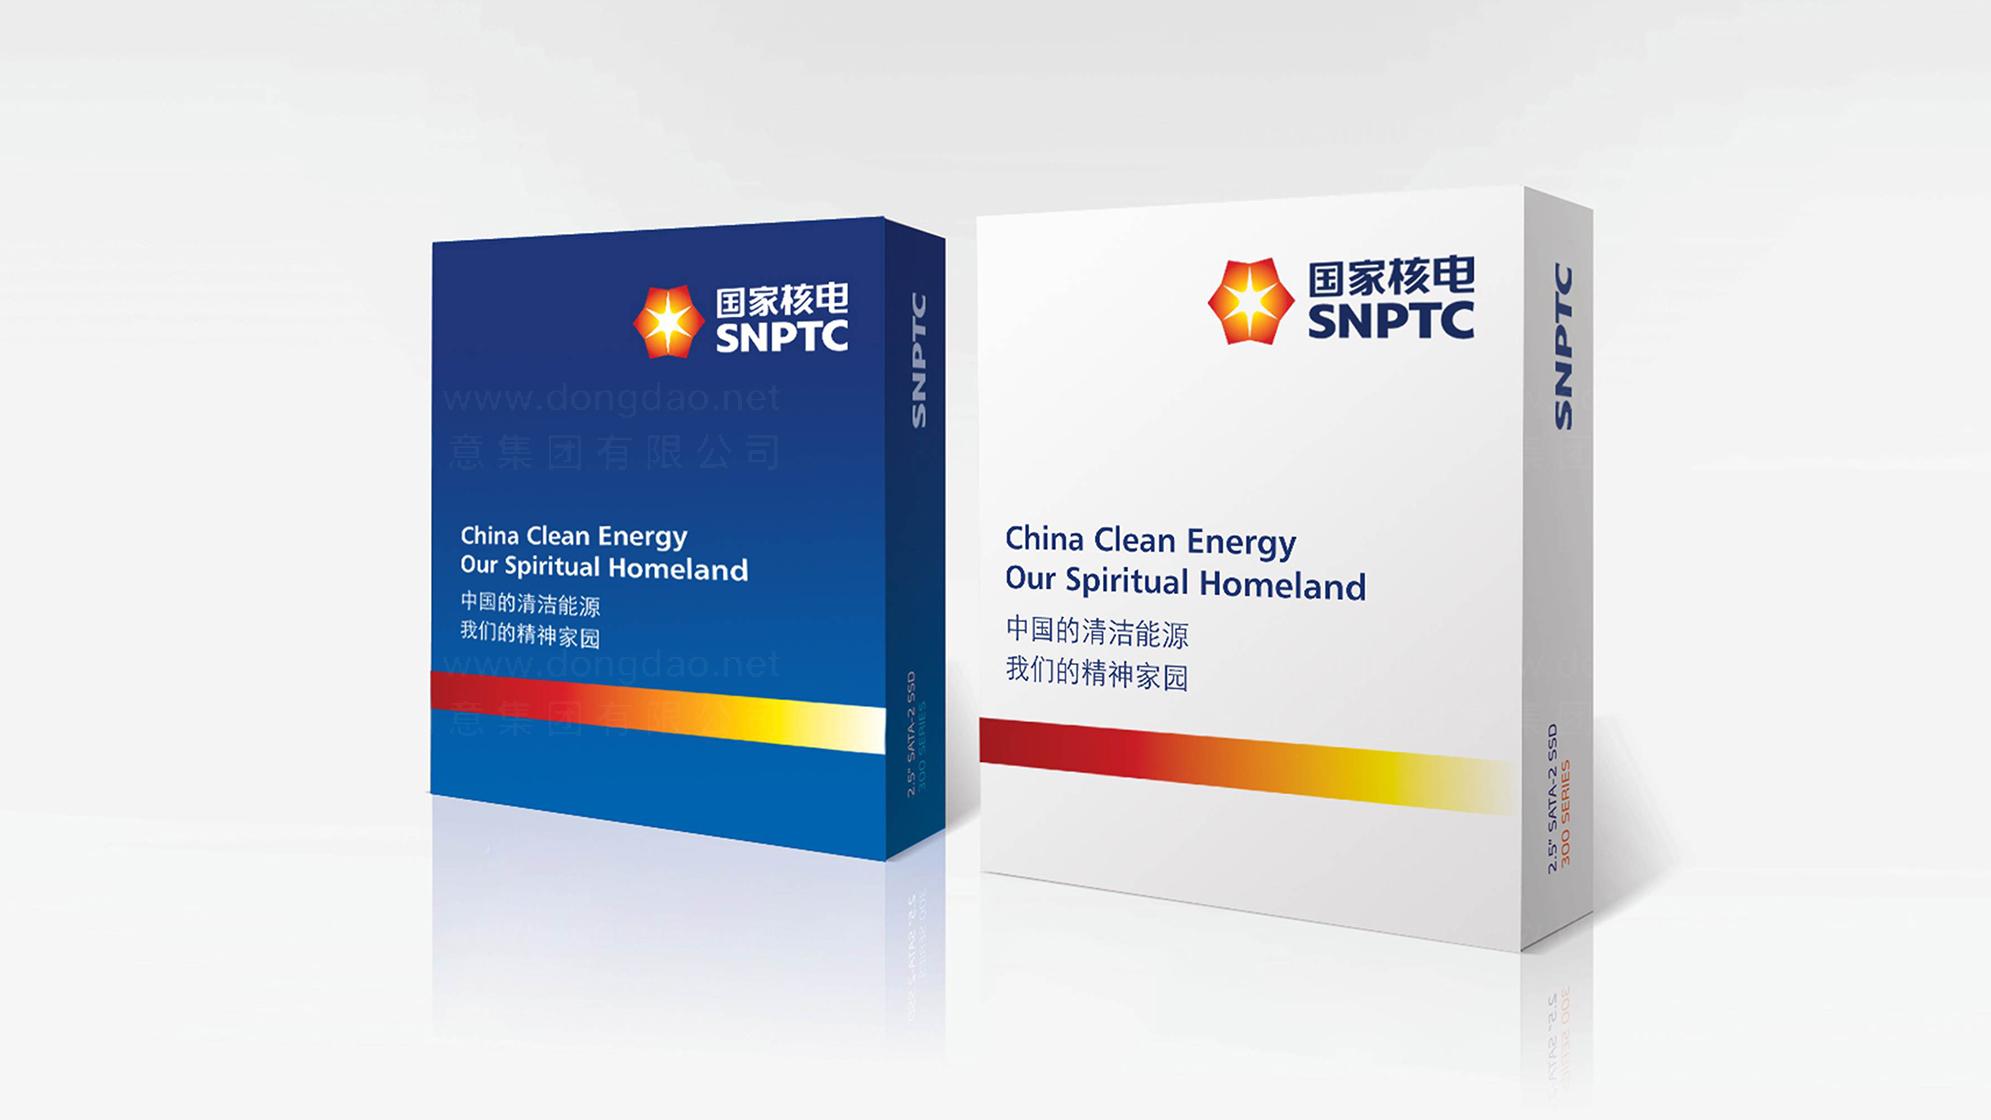 品牌设计国家核电标志设计应用场景_1